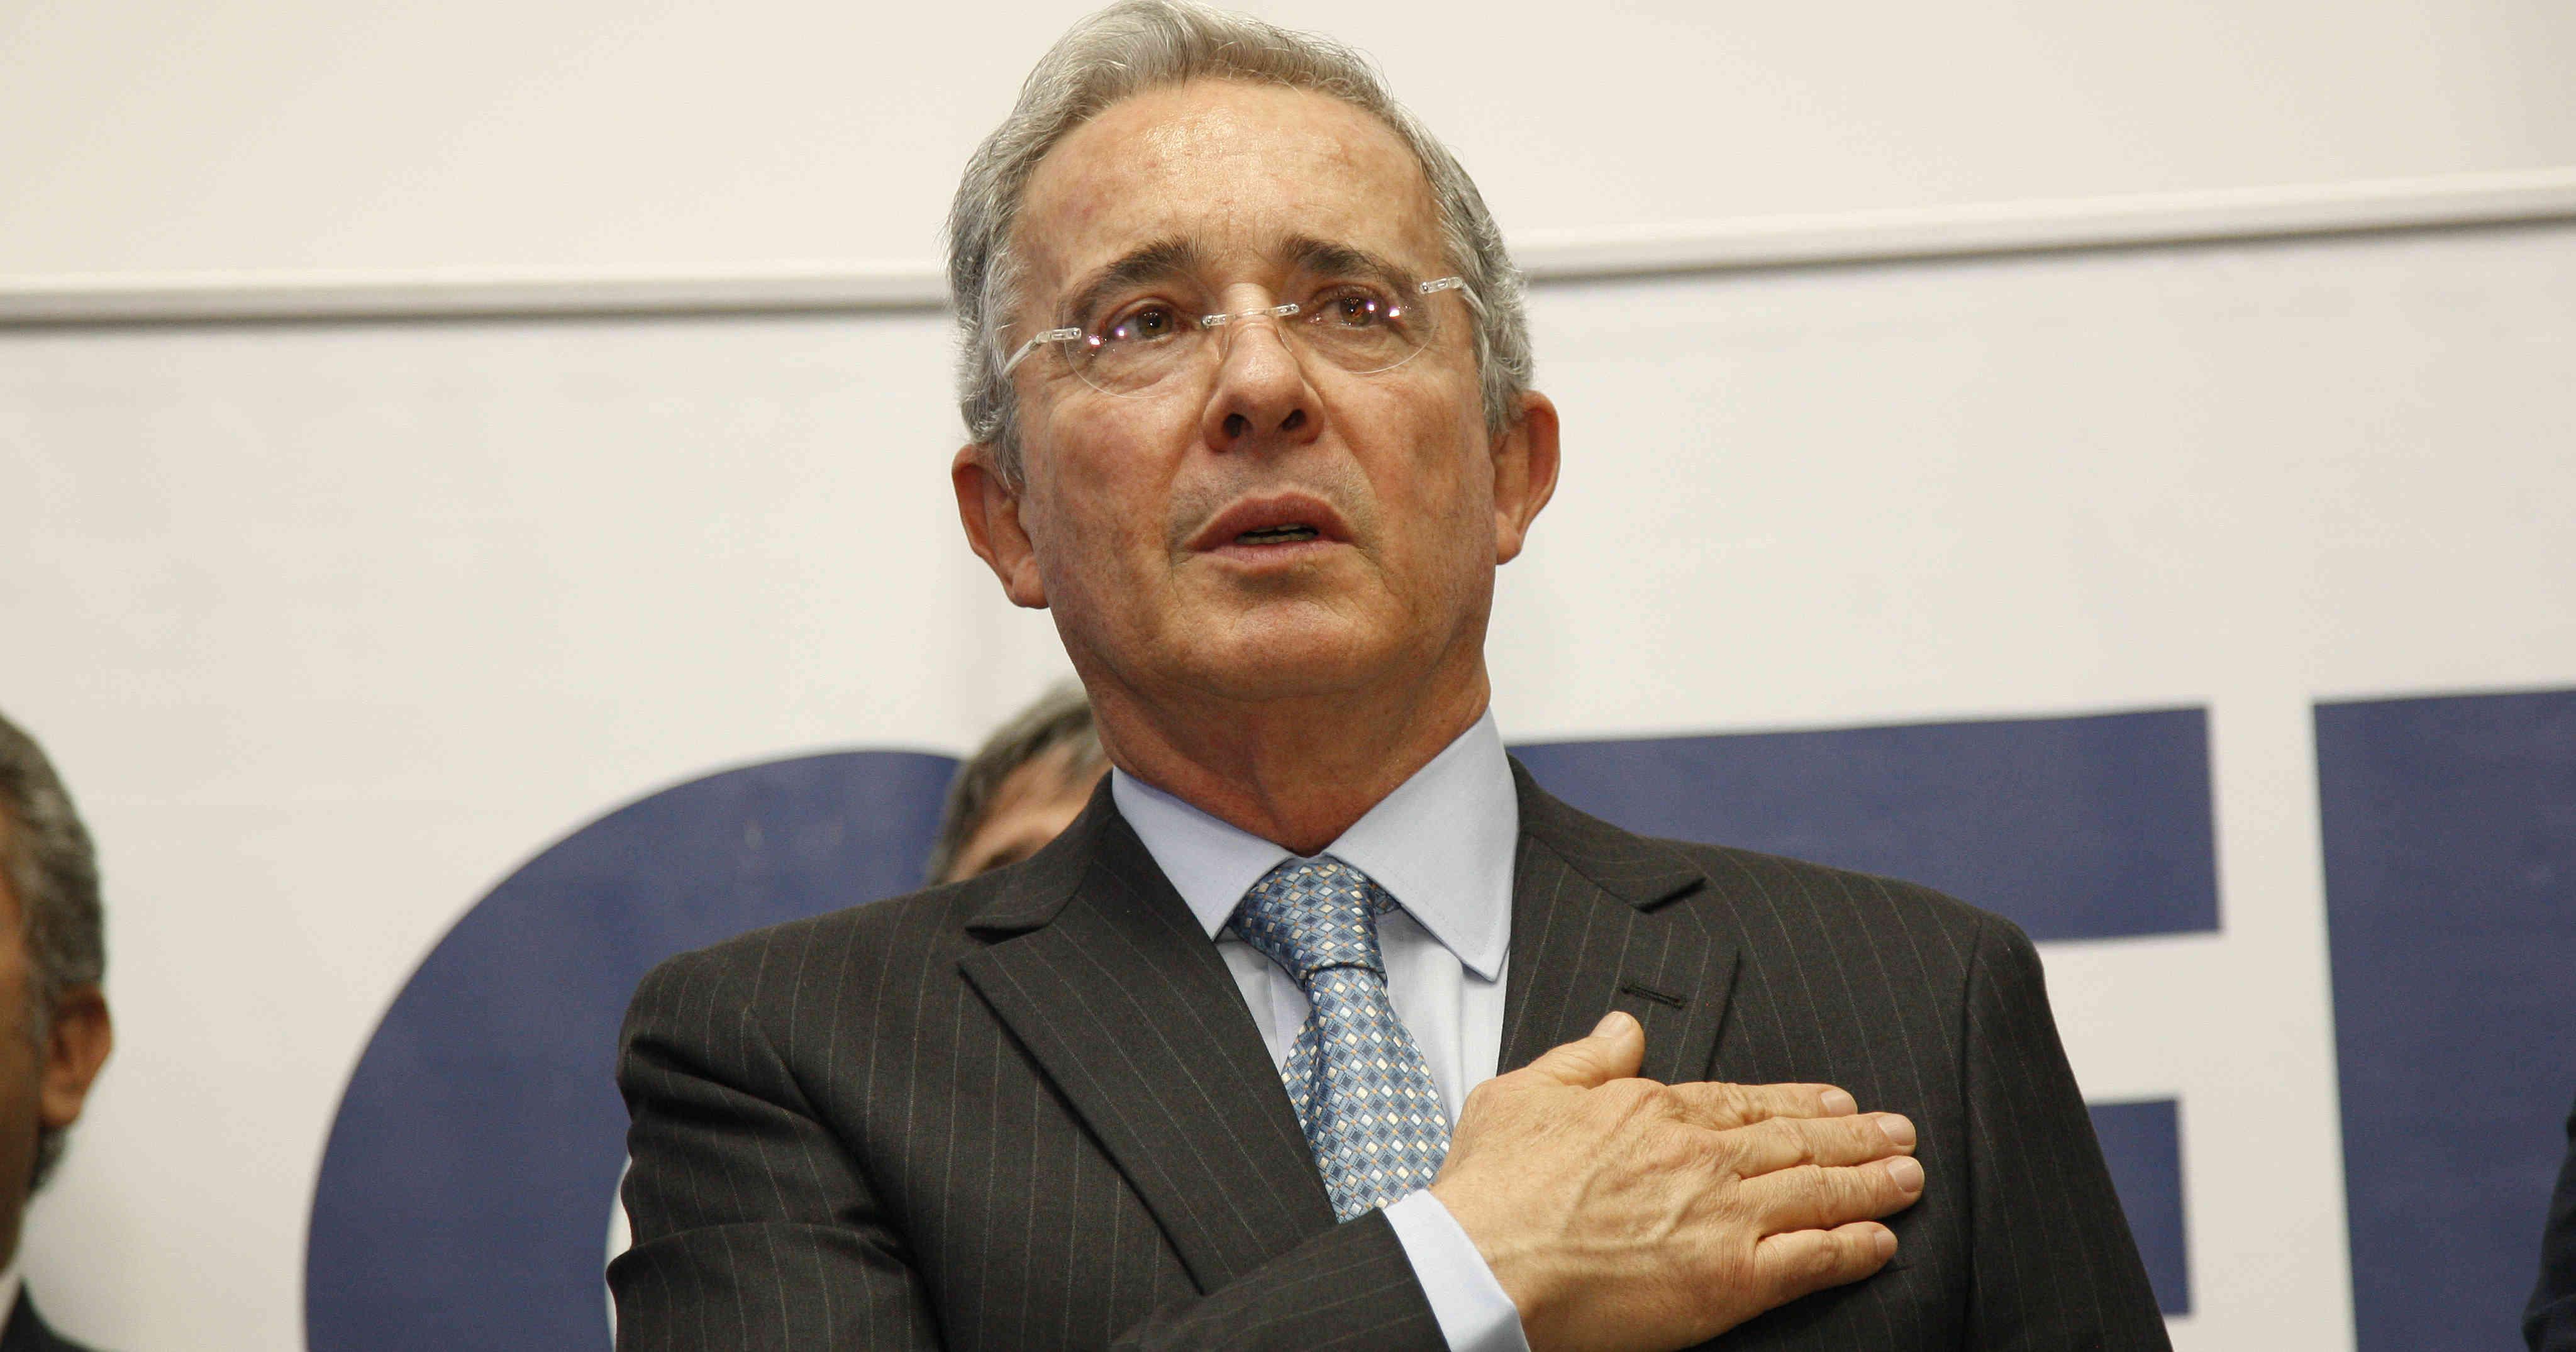 Las molestias de Uribe por críticas de la ONU al gobierno Duque